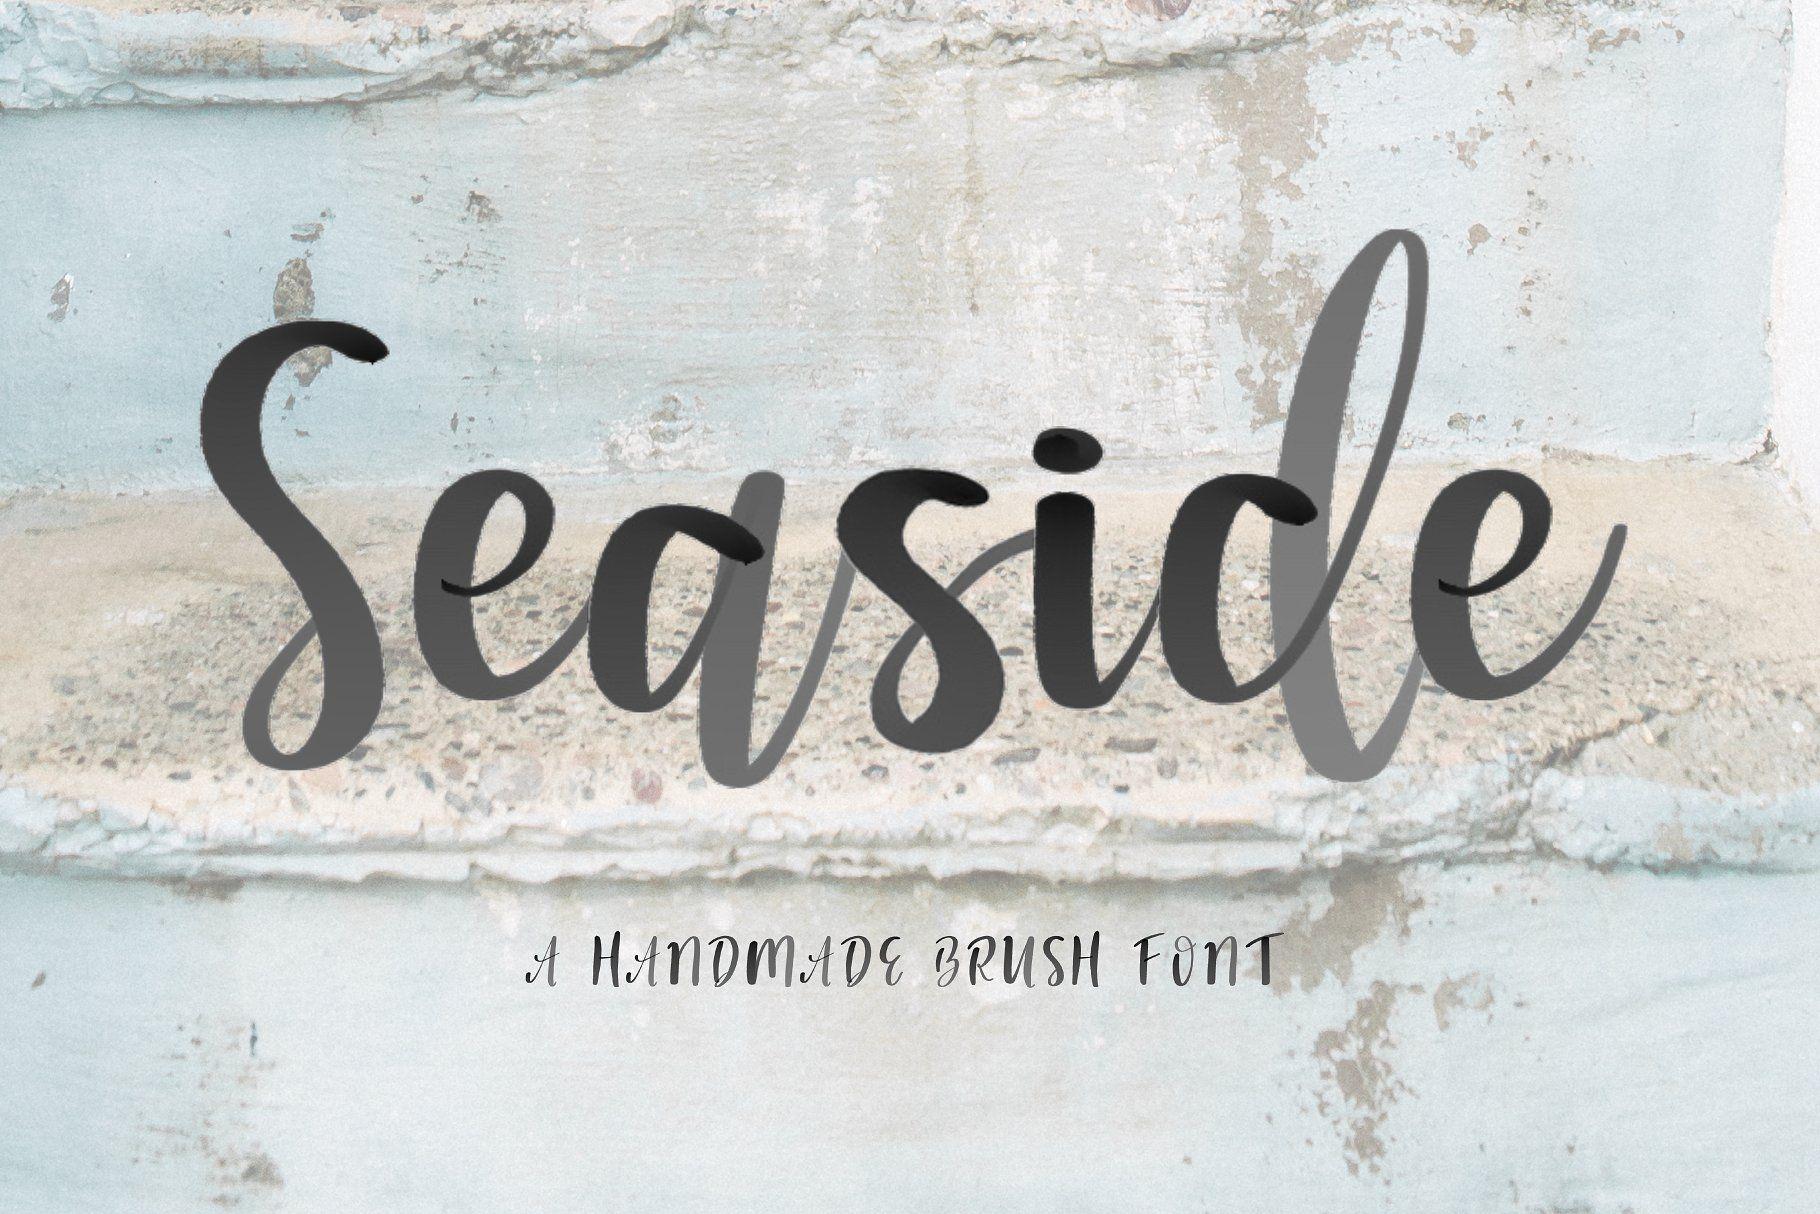 Seaside Font Watercolor Svg Writing Brush Watercolor Hope